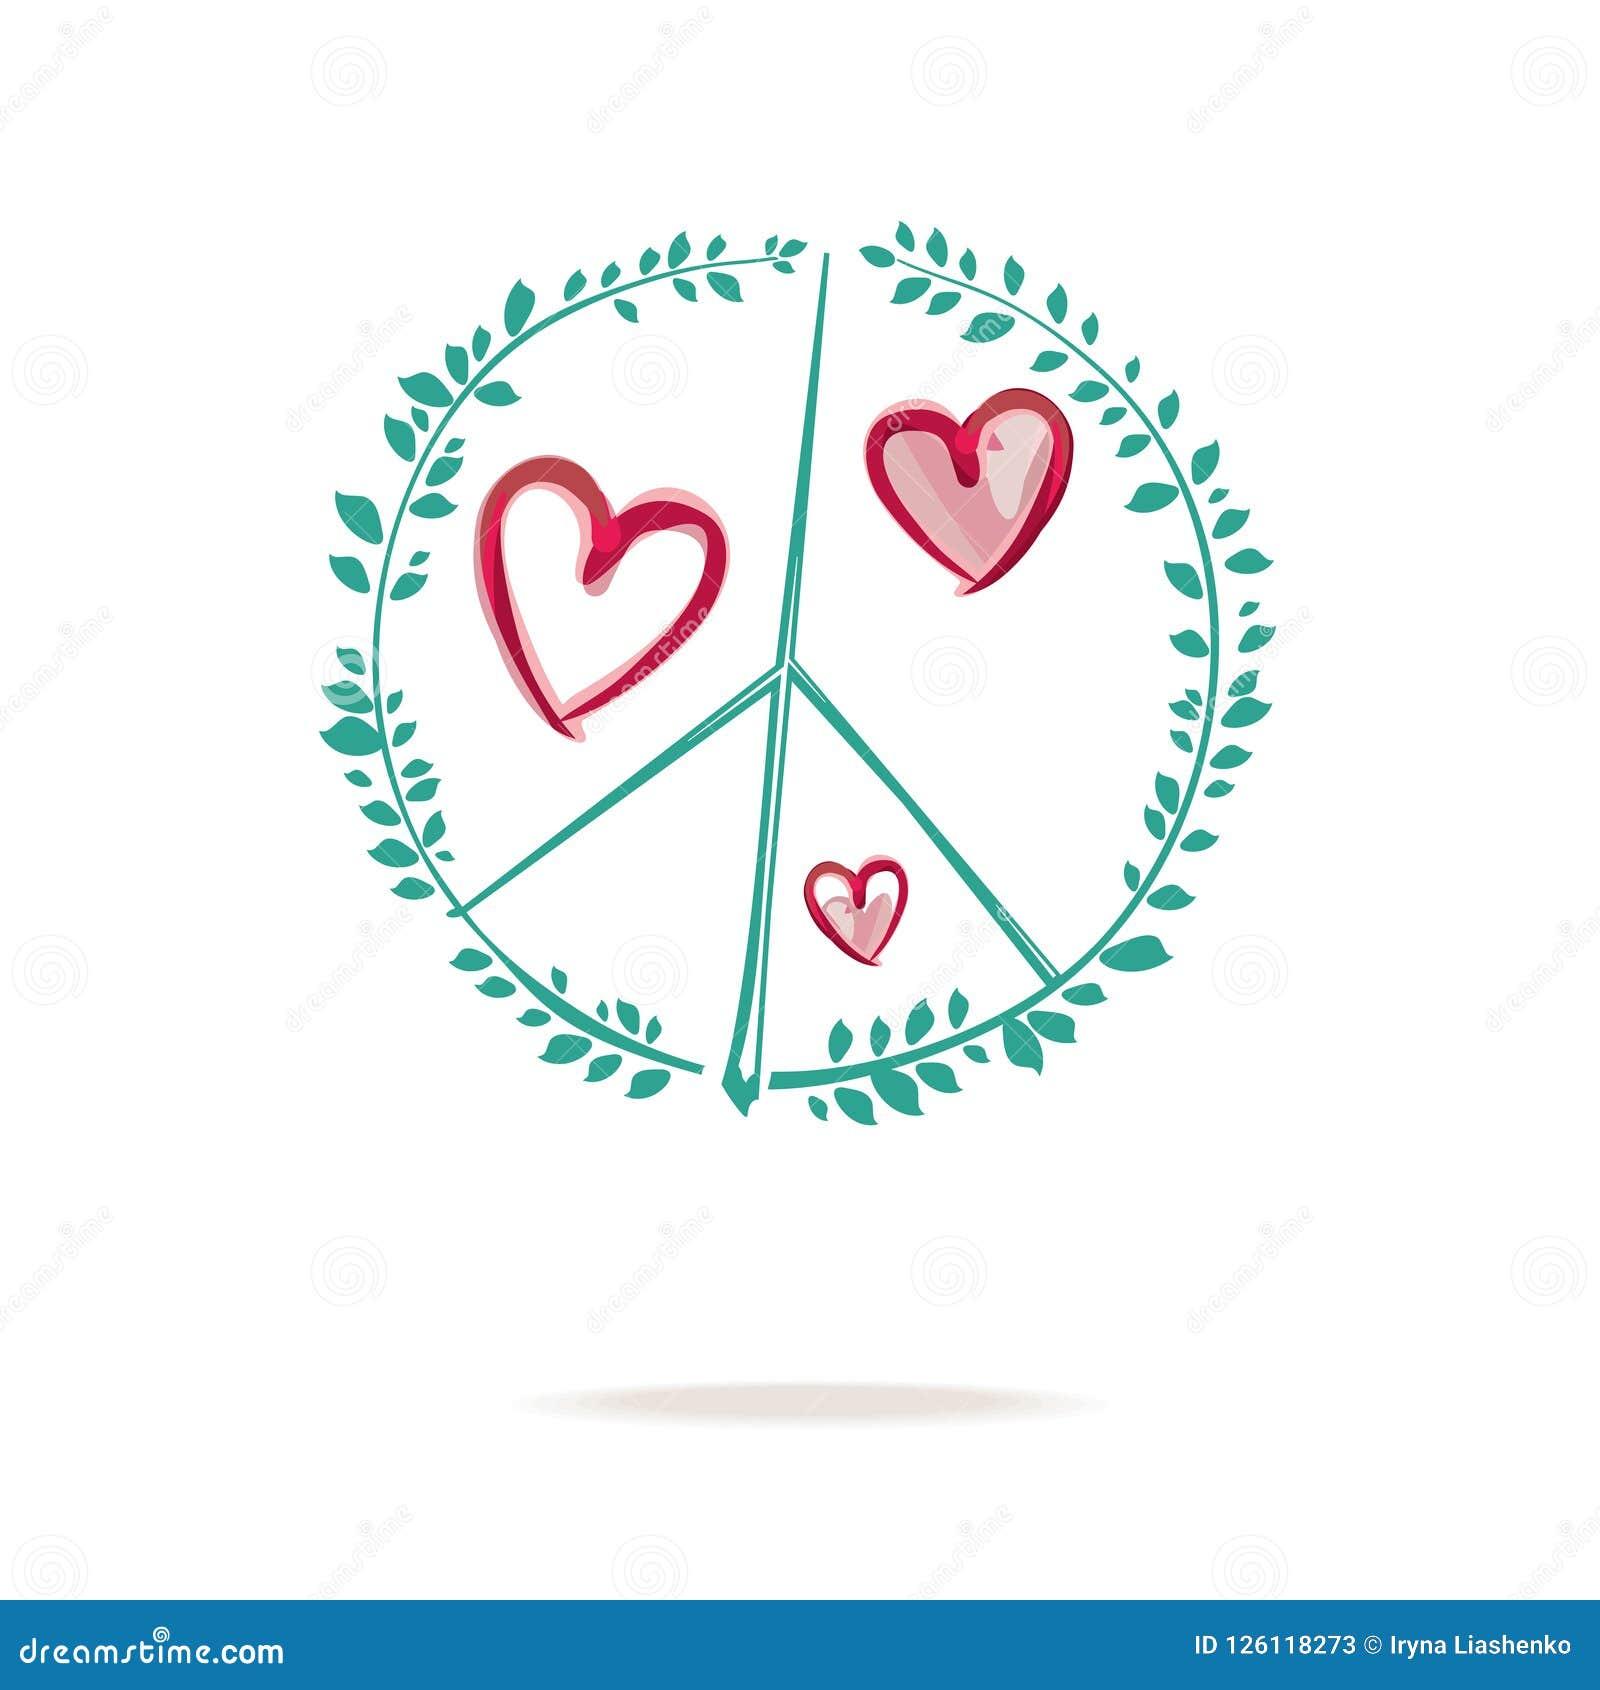 Simbolo Da Paz O Desenho Do Sinal De Paz Consiste Em Ramos Com